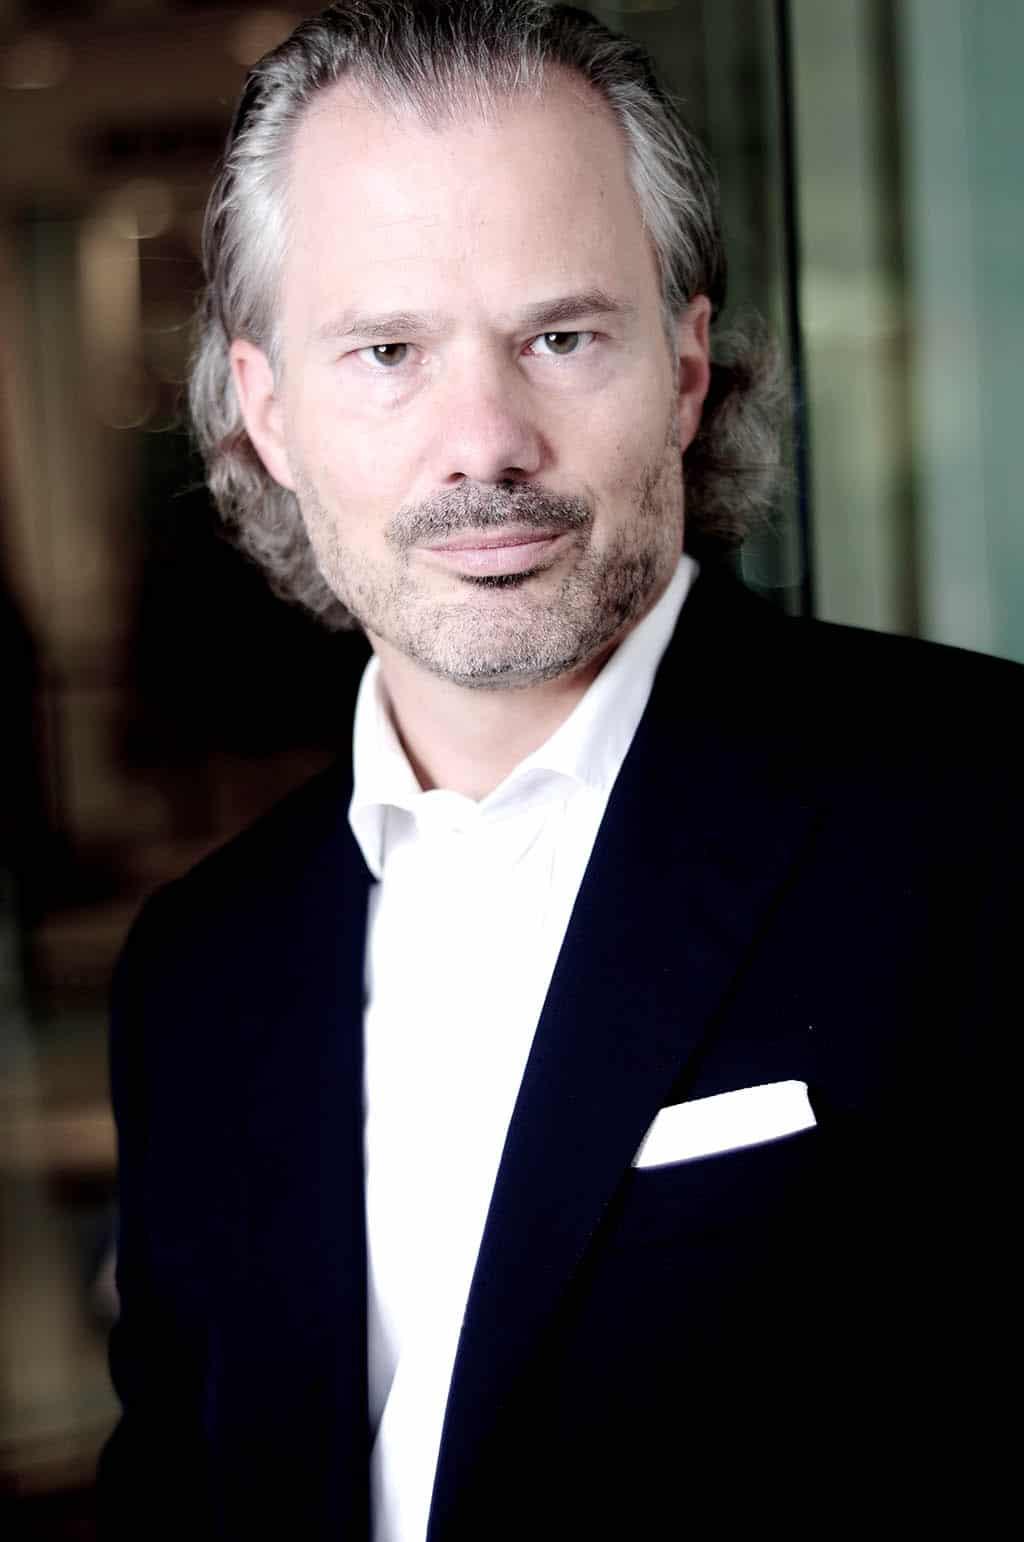 Andreas Grunszky, Geschäftsführer und Inhaber Beeftea Group, Berlin